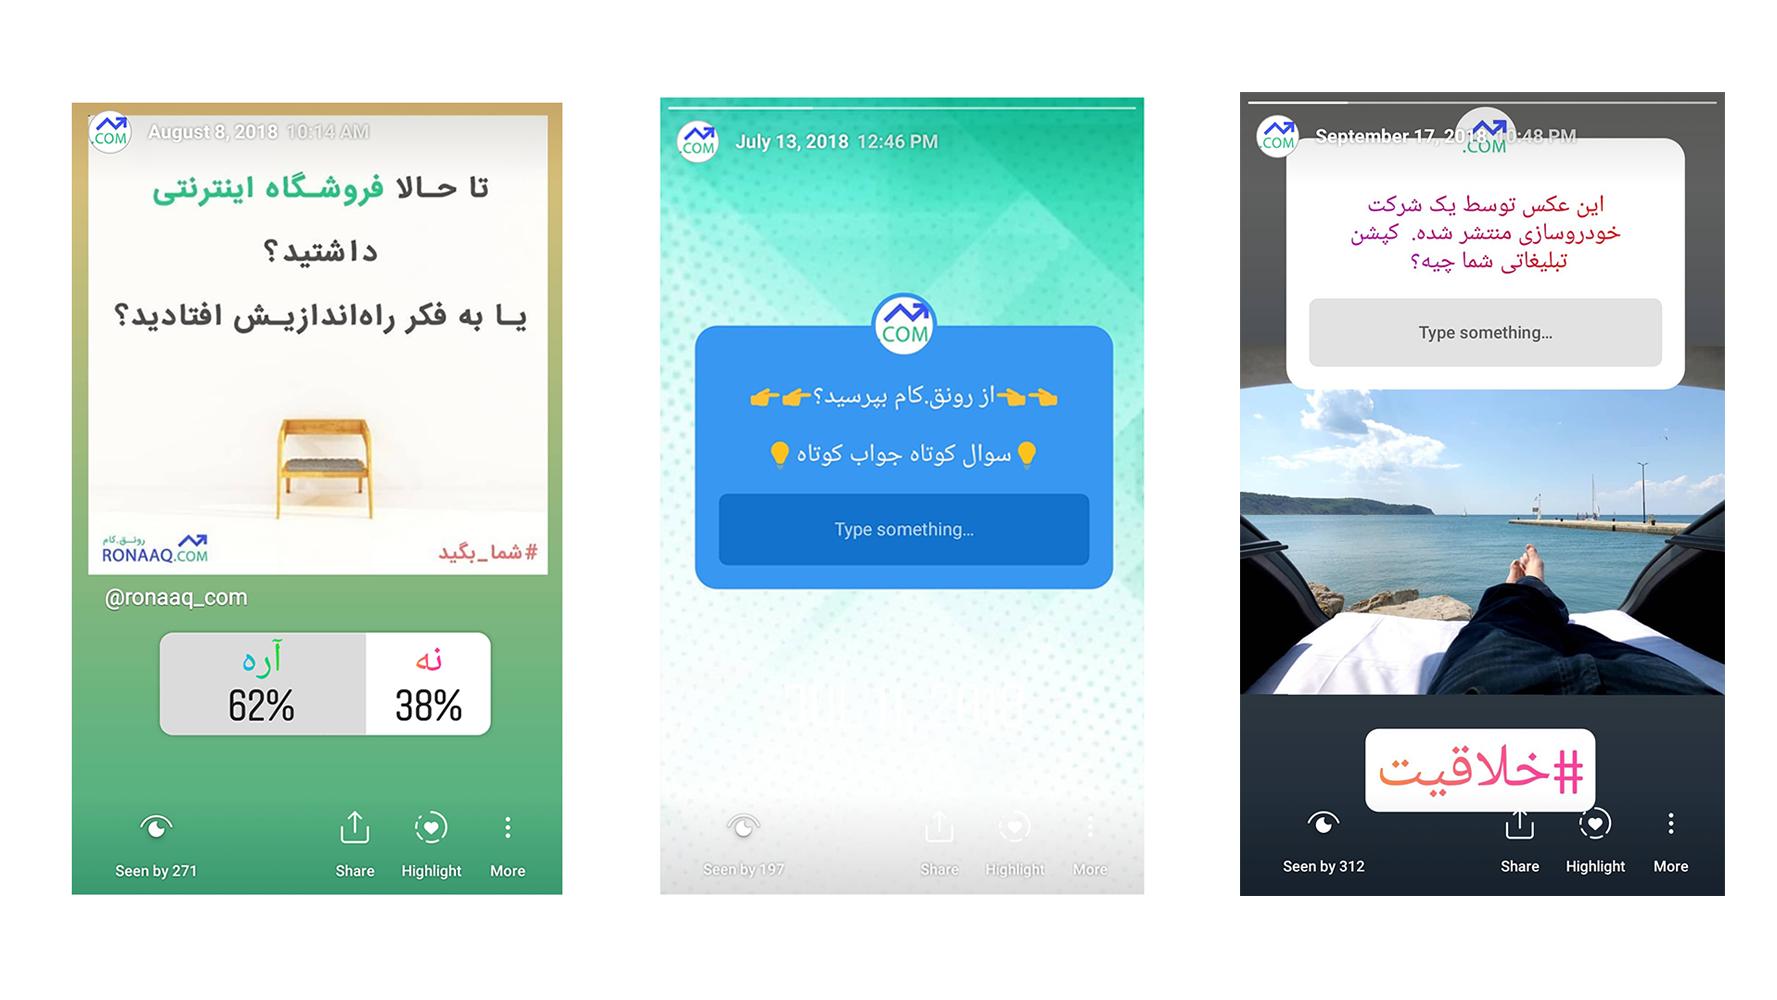 در این سه استوری تلاش شده تا تعامل بیشتری با کاربران برقرار شود و هم شناختی نسبت به مخاطبان به دست آید.